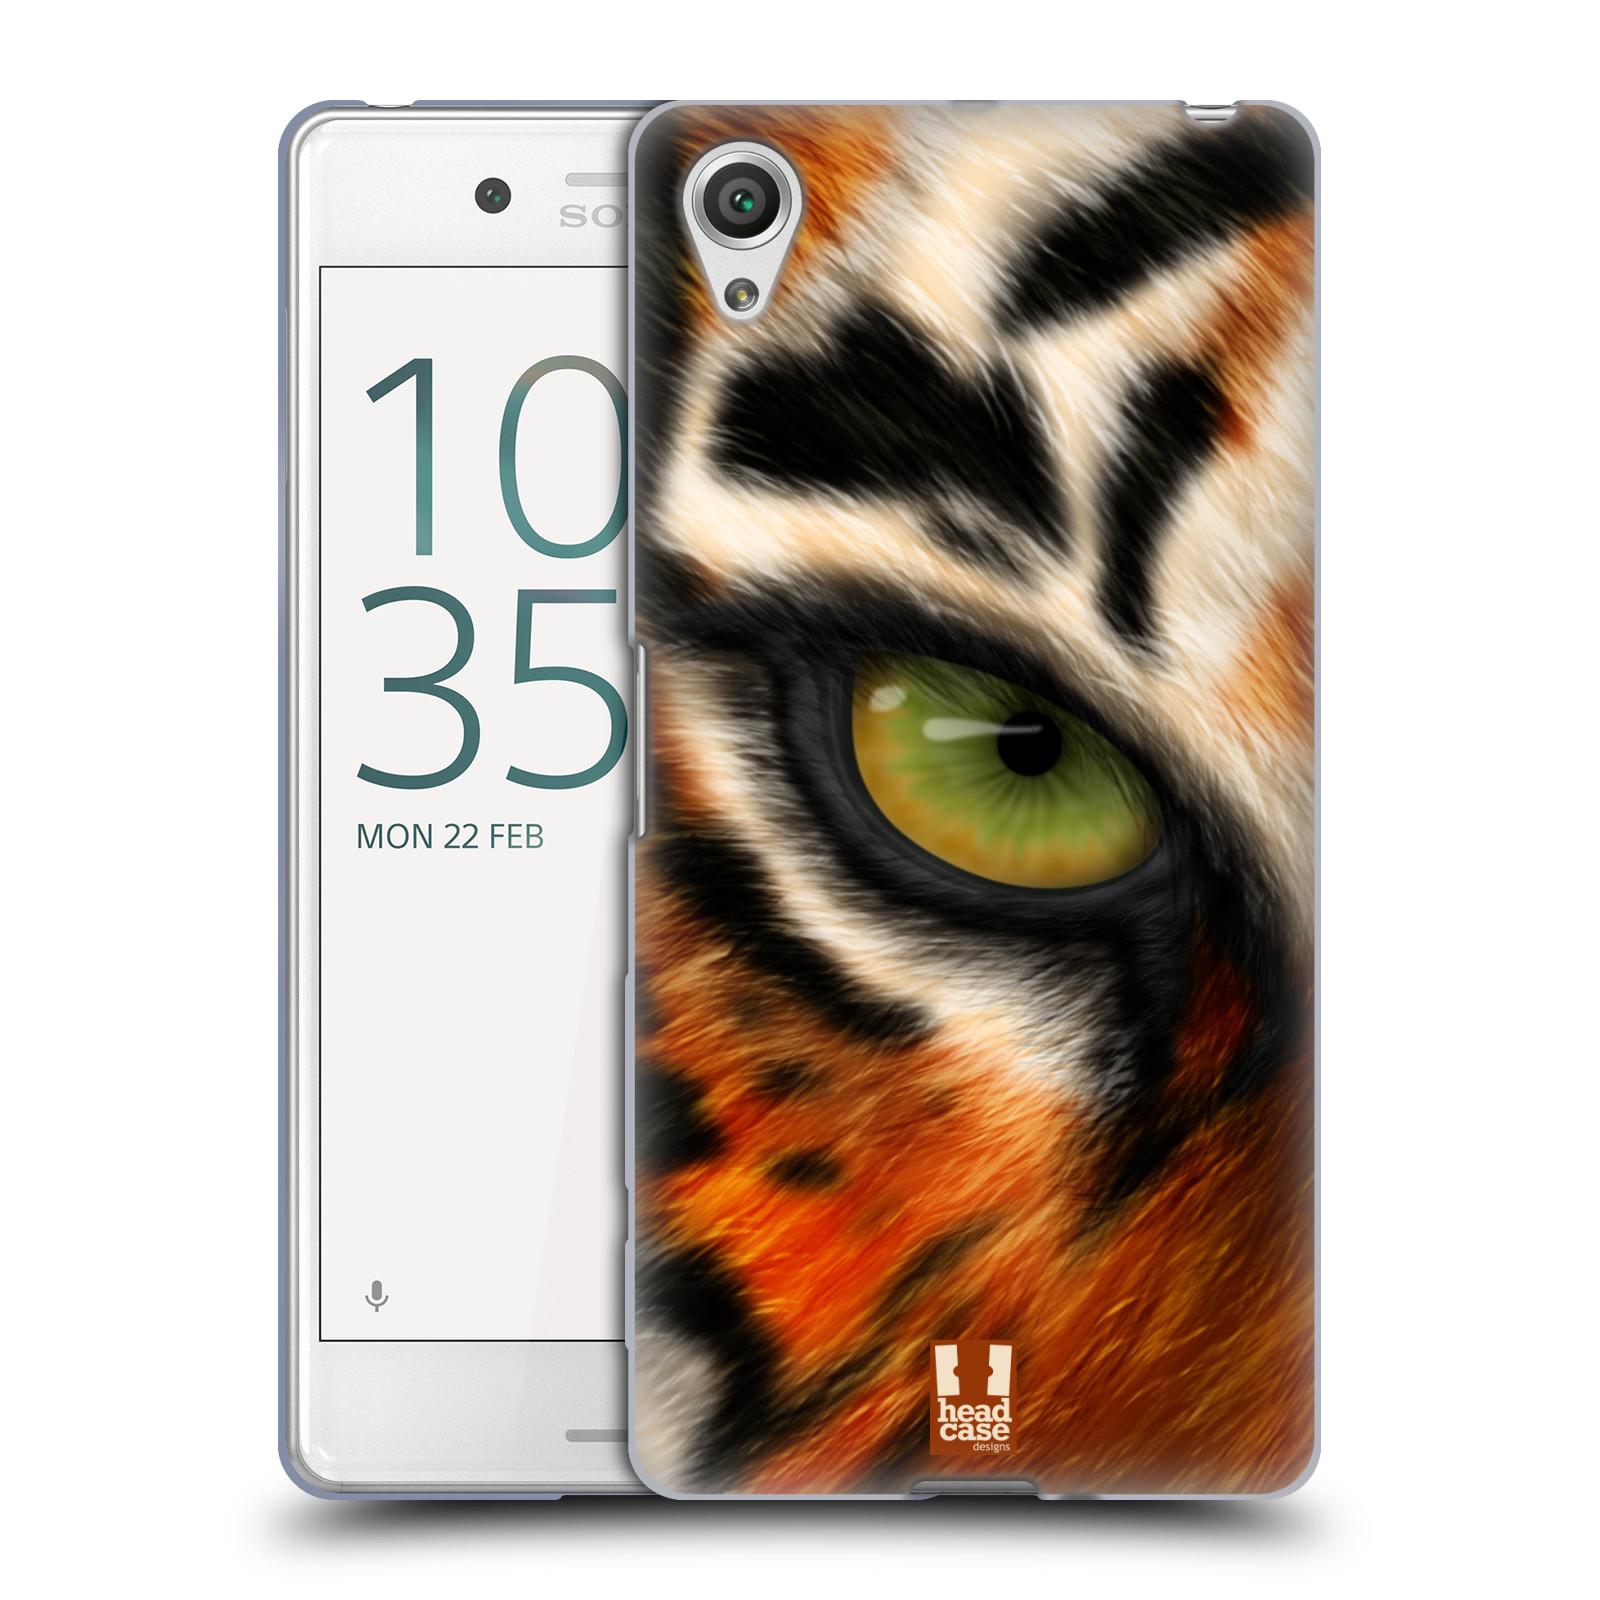 HEAD CASE silikonový obal na mobil Sony Xperia X PERFORMANCE (F8131, F8132) vzor pohled zvířete oko tygr